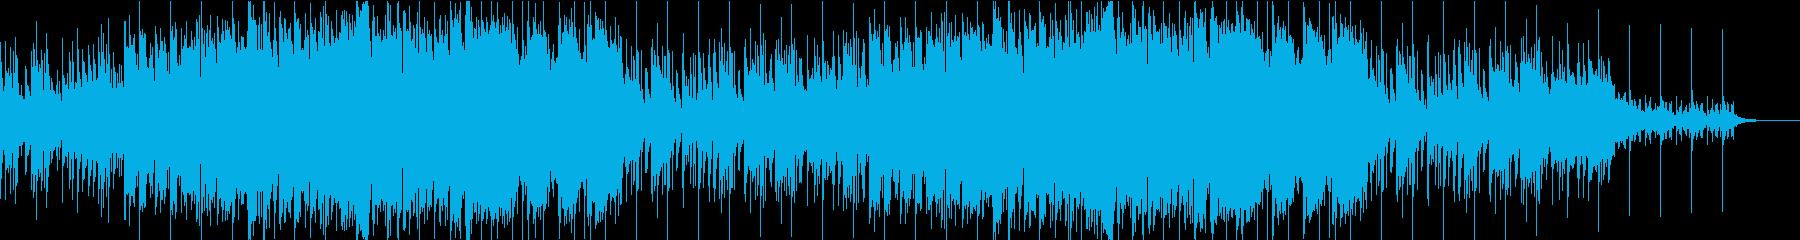 民族風のオーガニックで神秘的なBGMの再生済みの波形